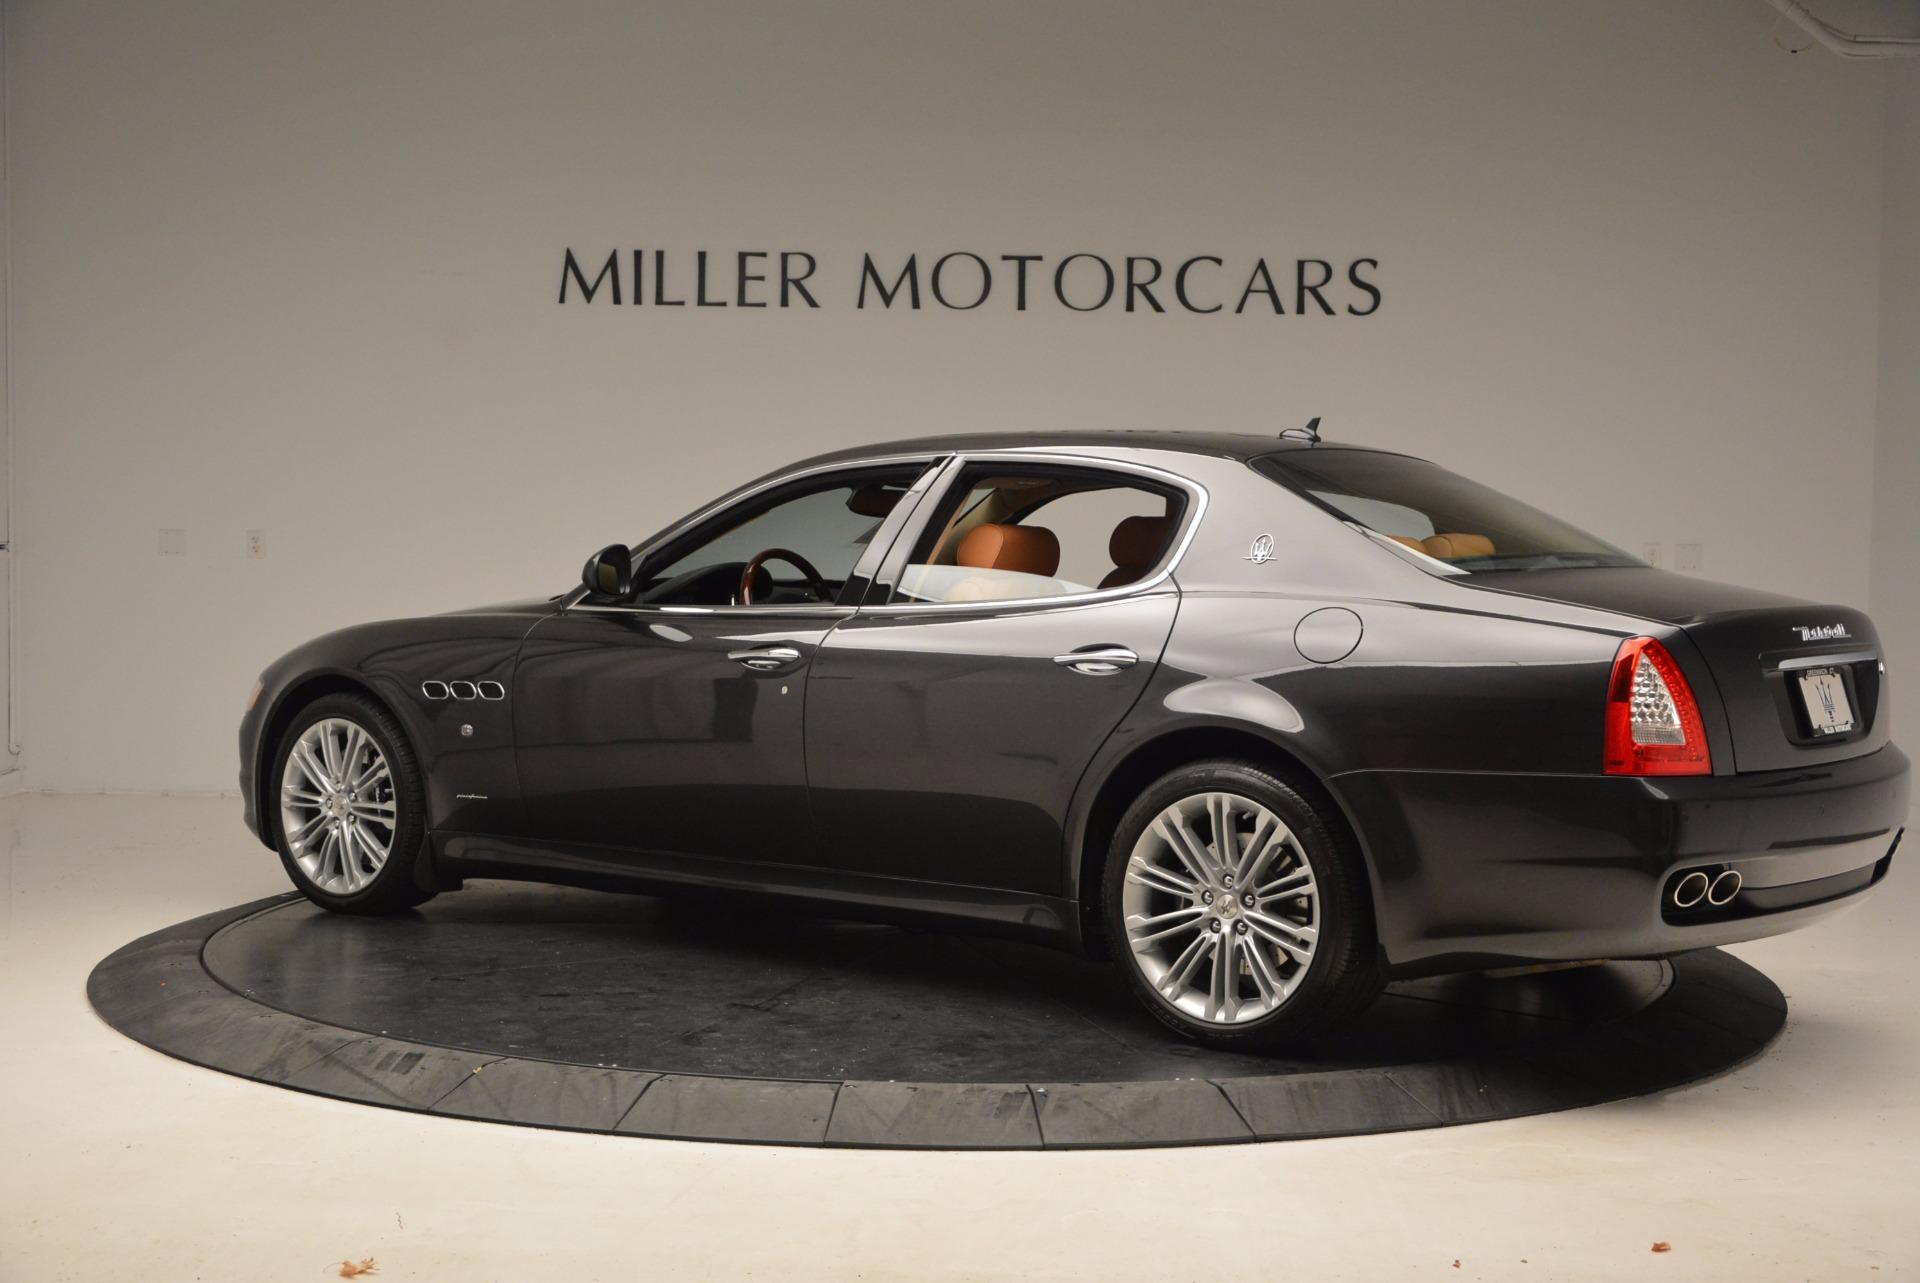 Used 2010 Maserati Quattroporte S For Sale In Greenwich, CT. Alfa Romeo of Greenwich, 7279 1551_p4